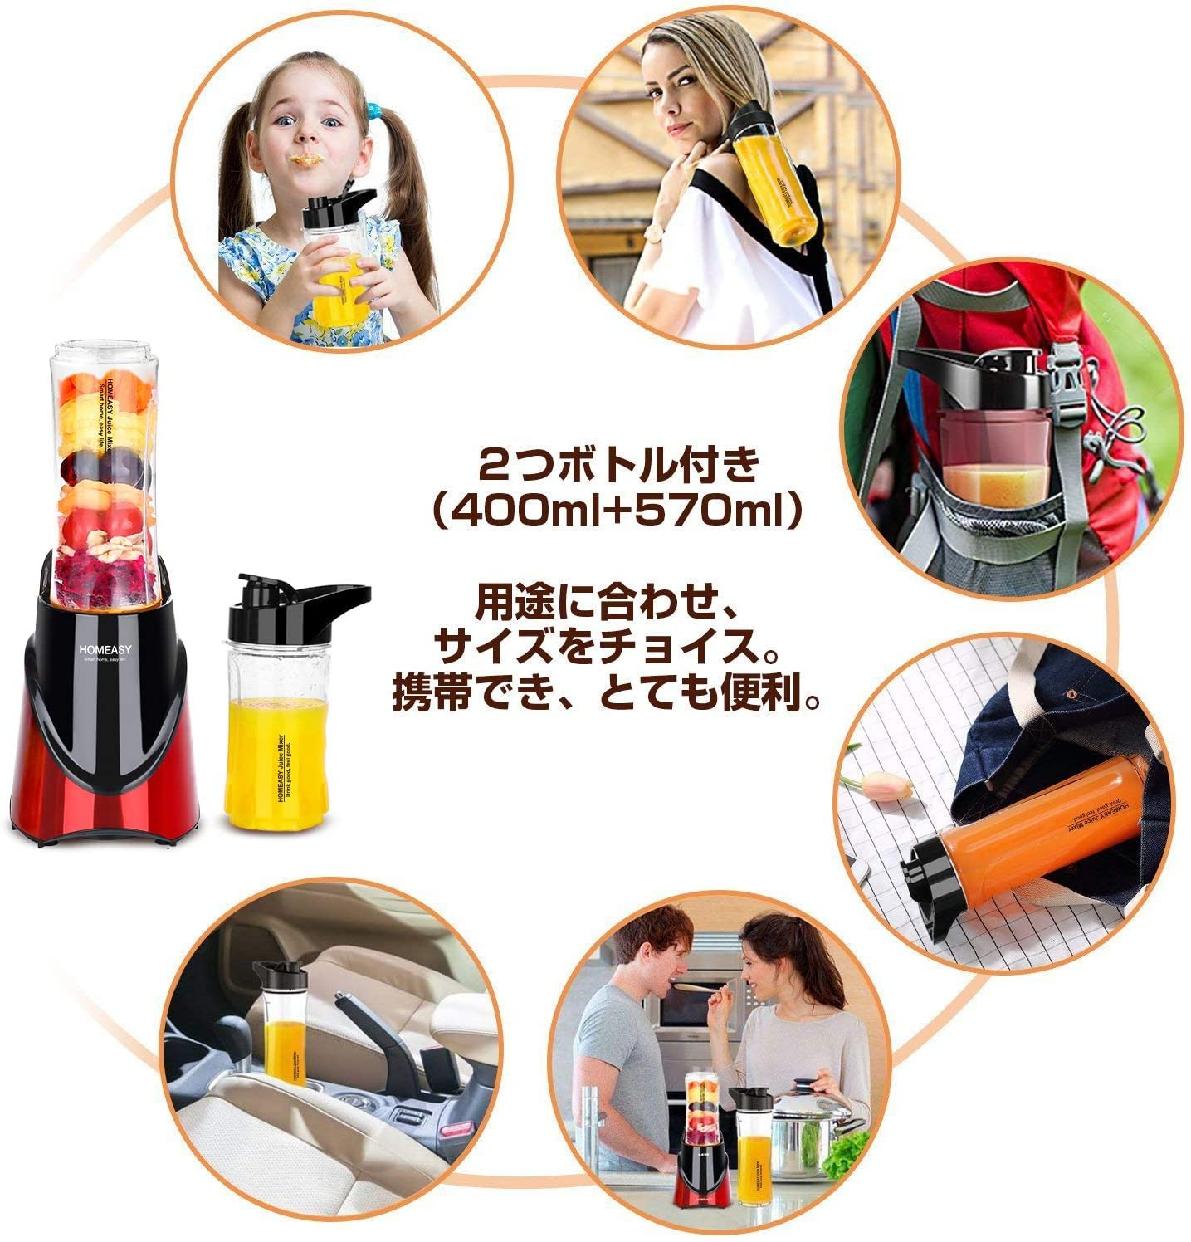 HOMEASY(ホミージー)ミキサー BL01Aの商品画像4